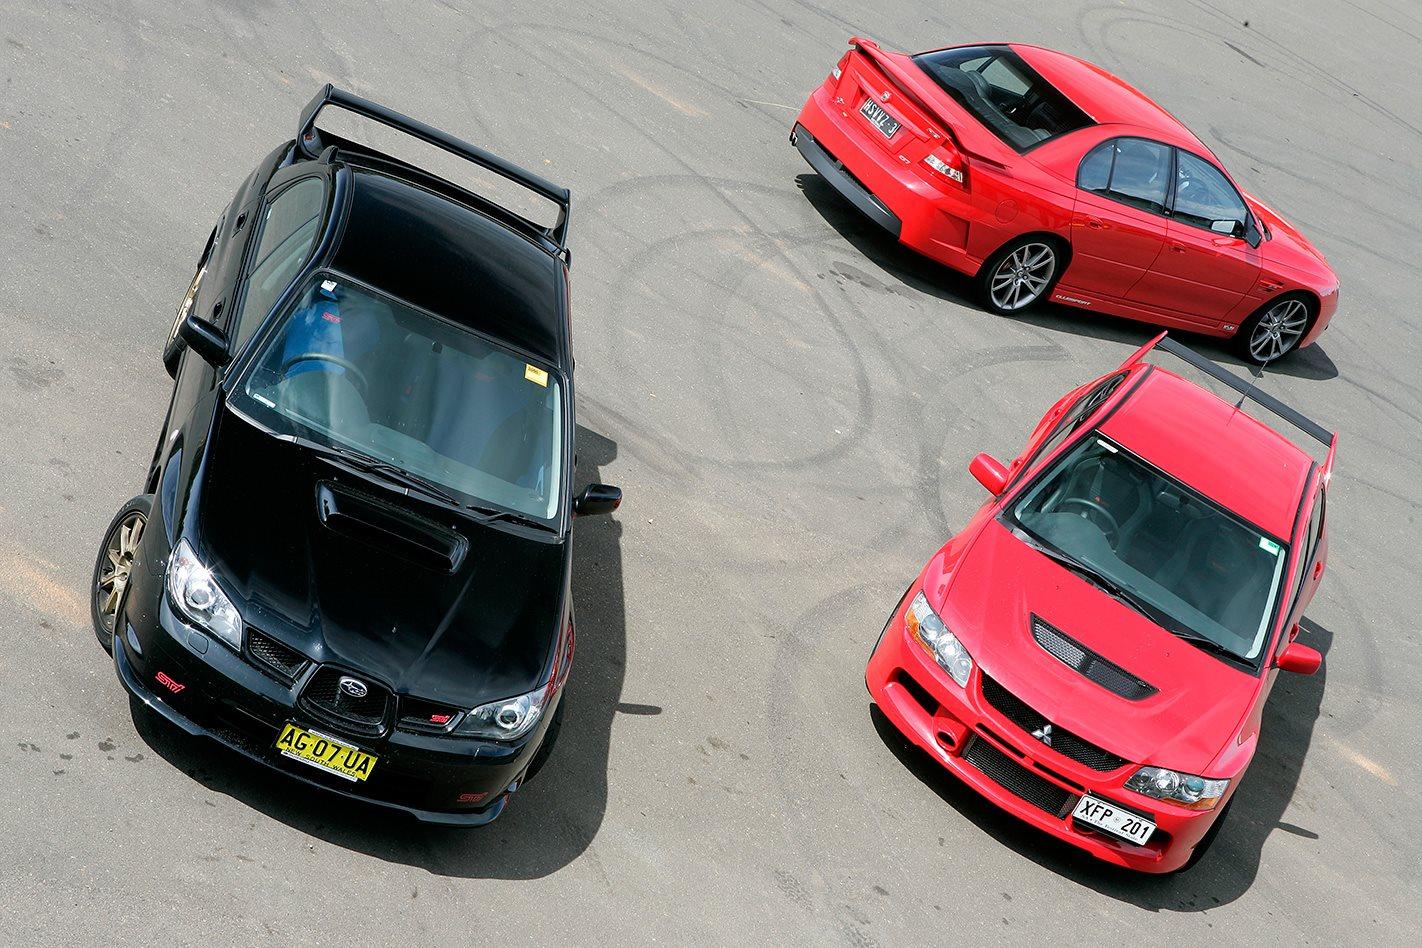 2005 Subaru WRX STi vs Mitsubishi Evo IX vs HSV Clubsport.jpg